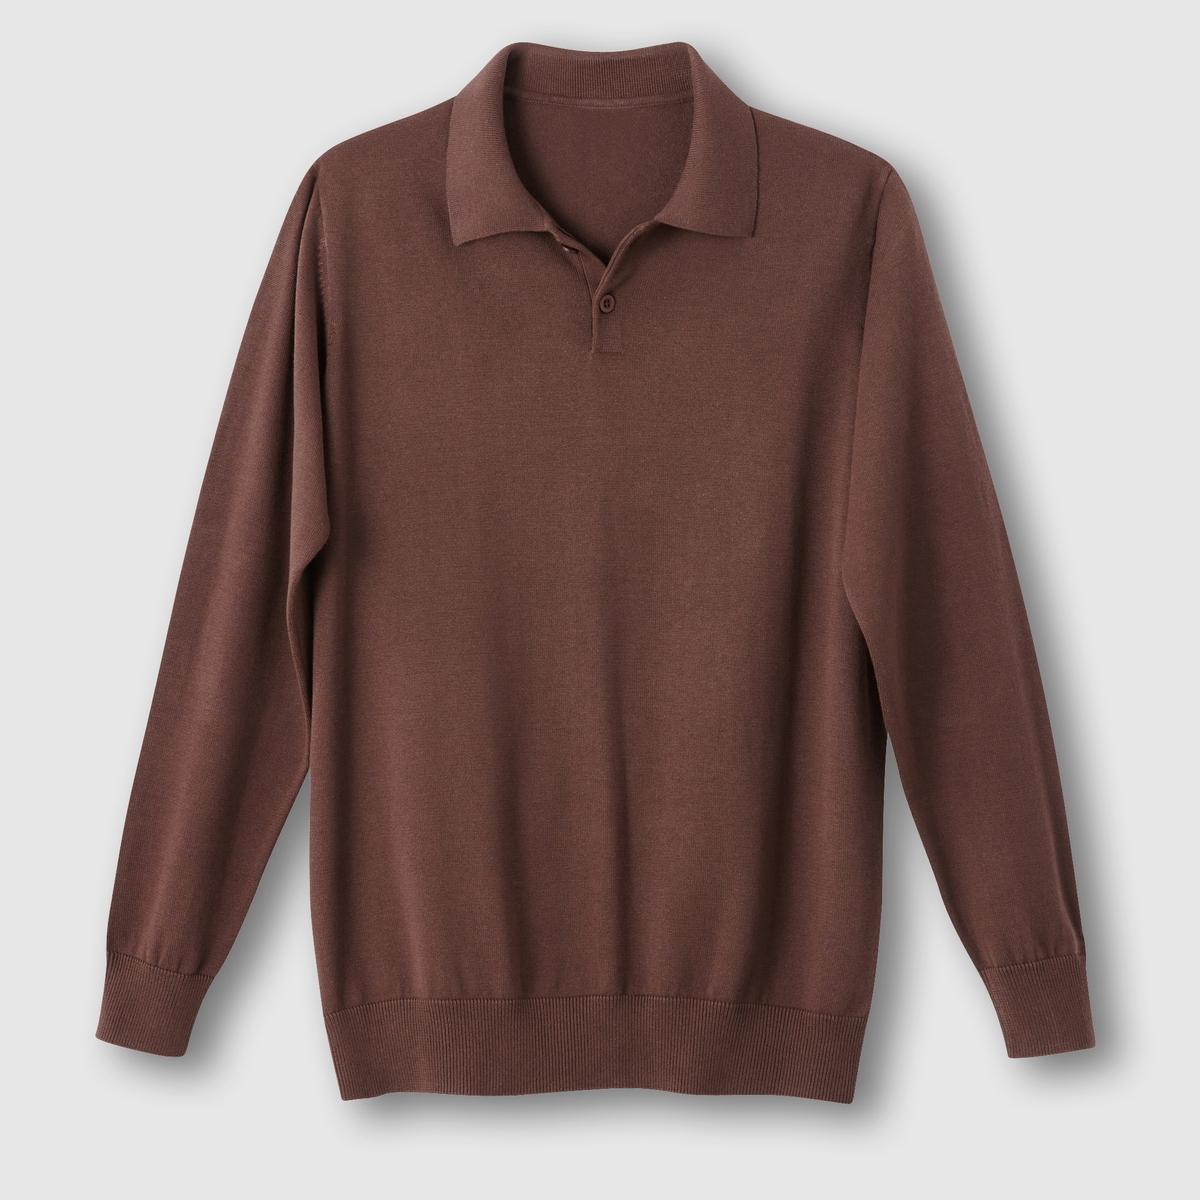 Пуловер с воротником полоПуловер с воротником поло. Длинные рукава. Контрастные нашивки на локтях.Края низа и рукавов связаны резинкой. Трикотаж мелкой вязки, 100% хлопка. Длина: 73 см.<br><br>Цвет: шоколадный<br>Размер: 74/76